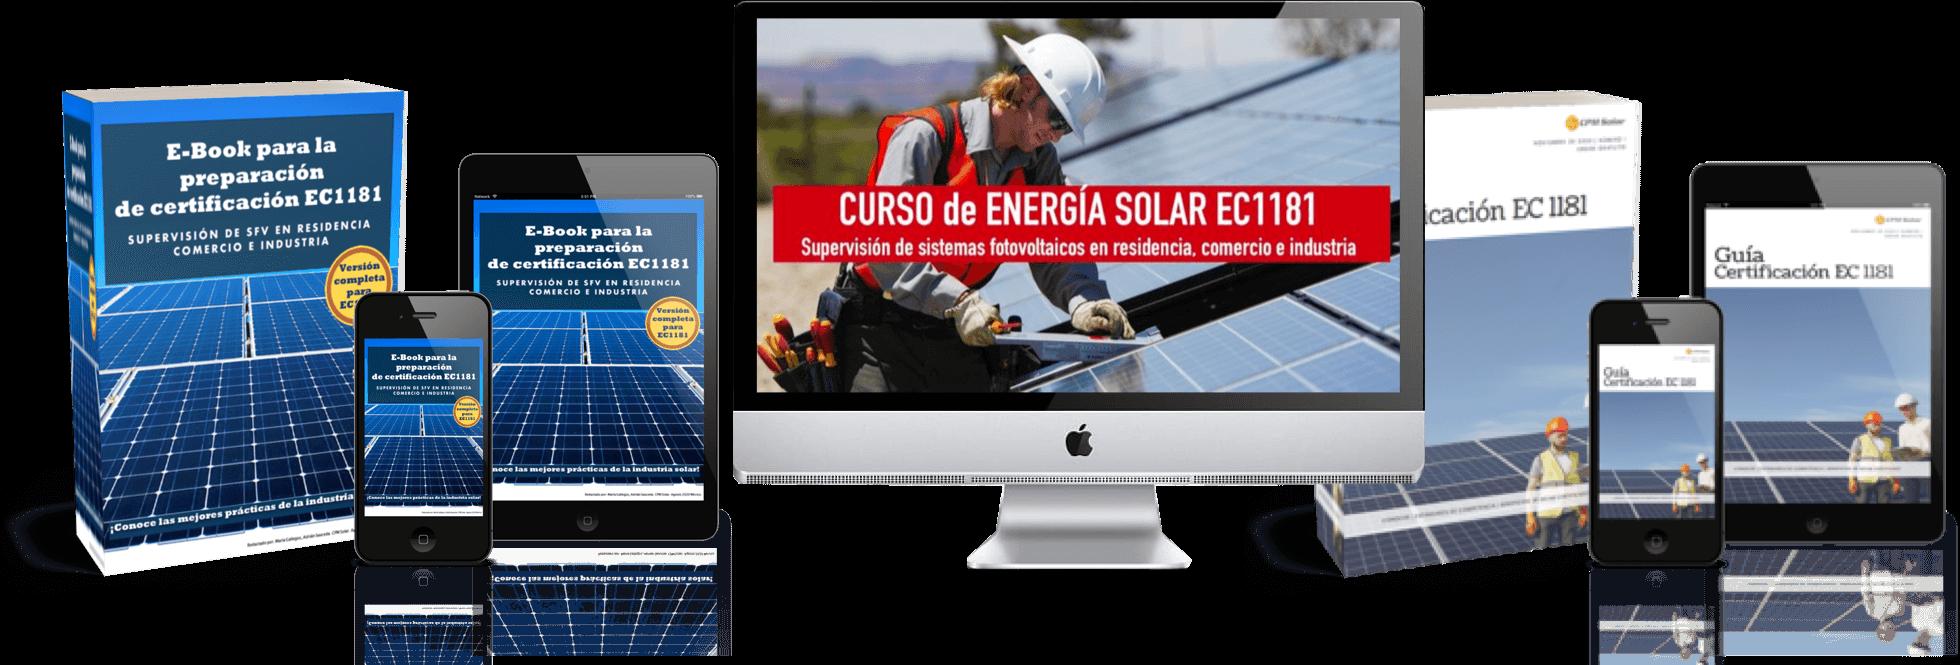 Curso Solar